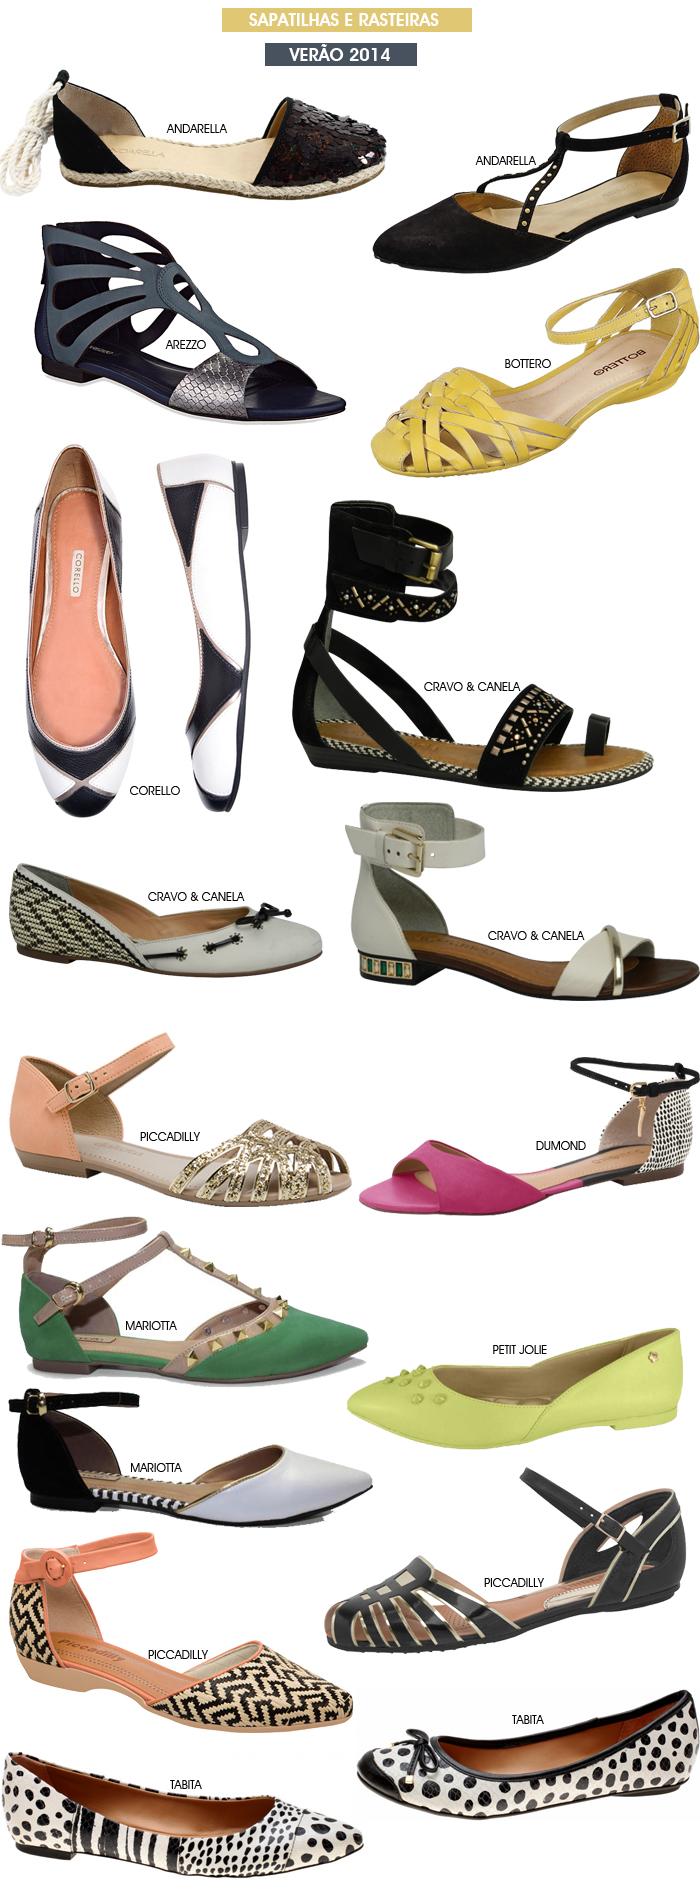 Sapatilhas e rasteirinhas verão 2014 Blog de Moda Feminina MeninaIT